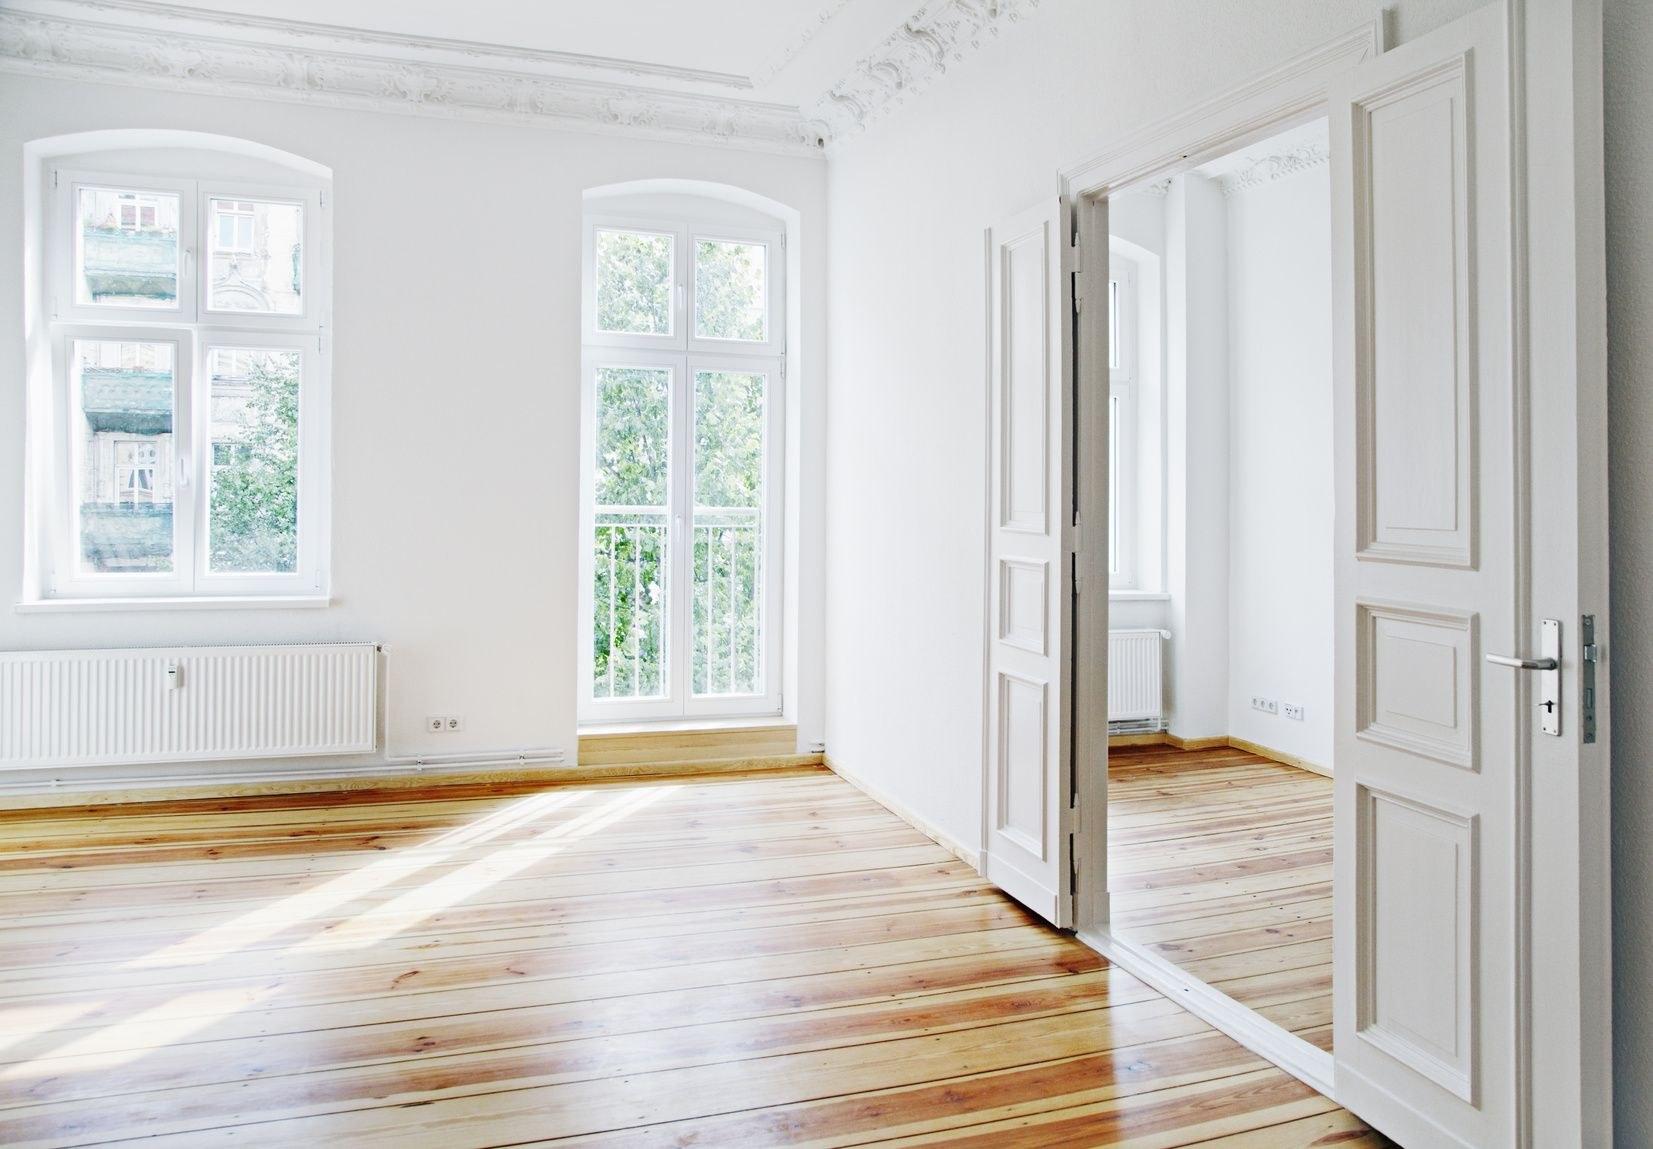 Vente de maisons, appartements, terrains…